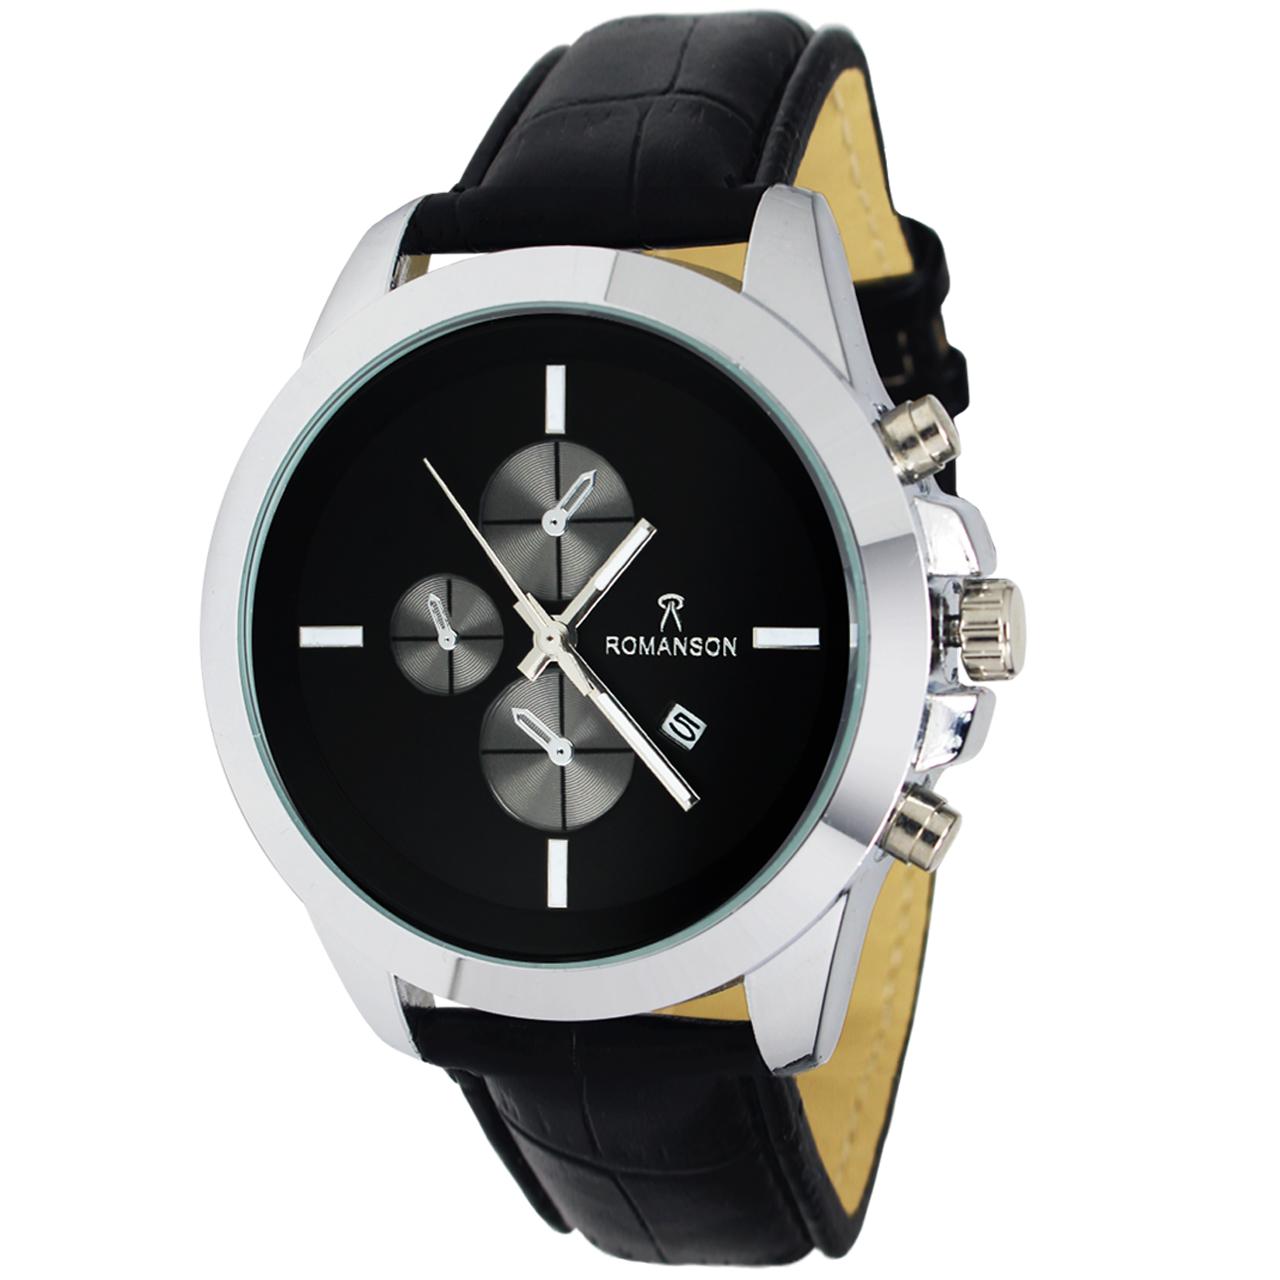 خرید ساعت مچی عقربه ای زنانه مدل Rom-05